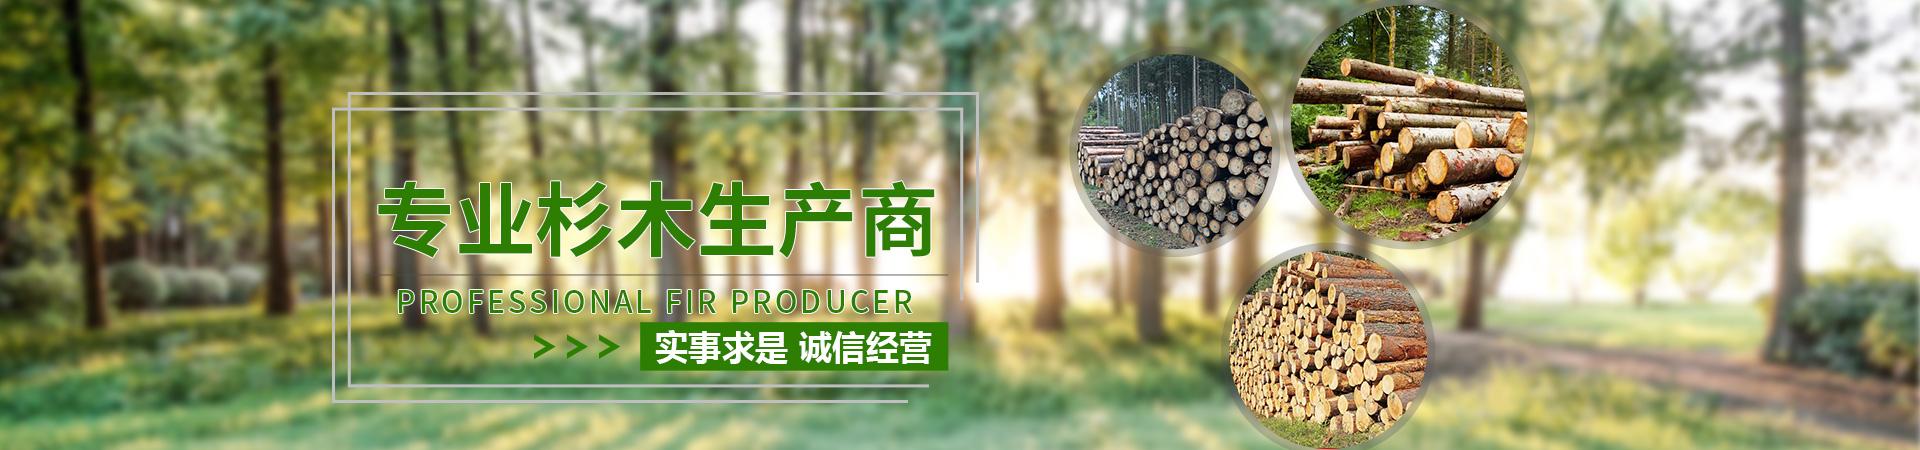 http://www.leotimber.cn/data/upload/202101/20210118133730_739.jpg